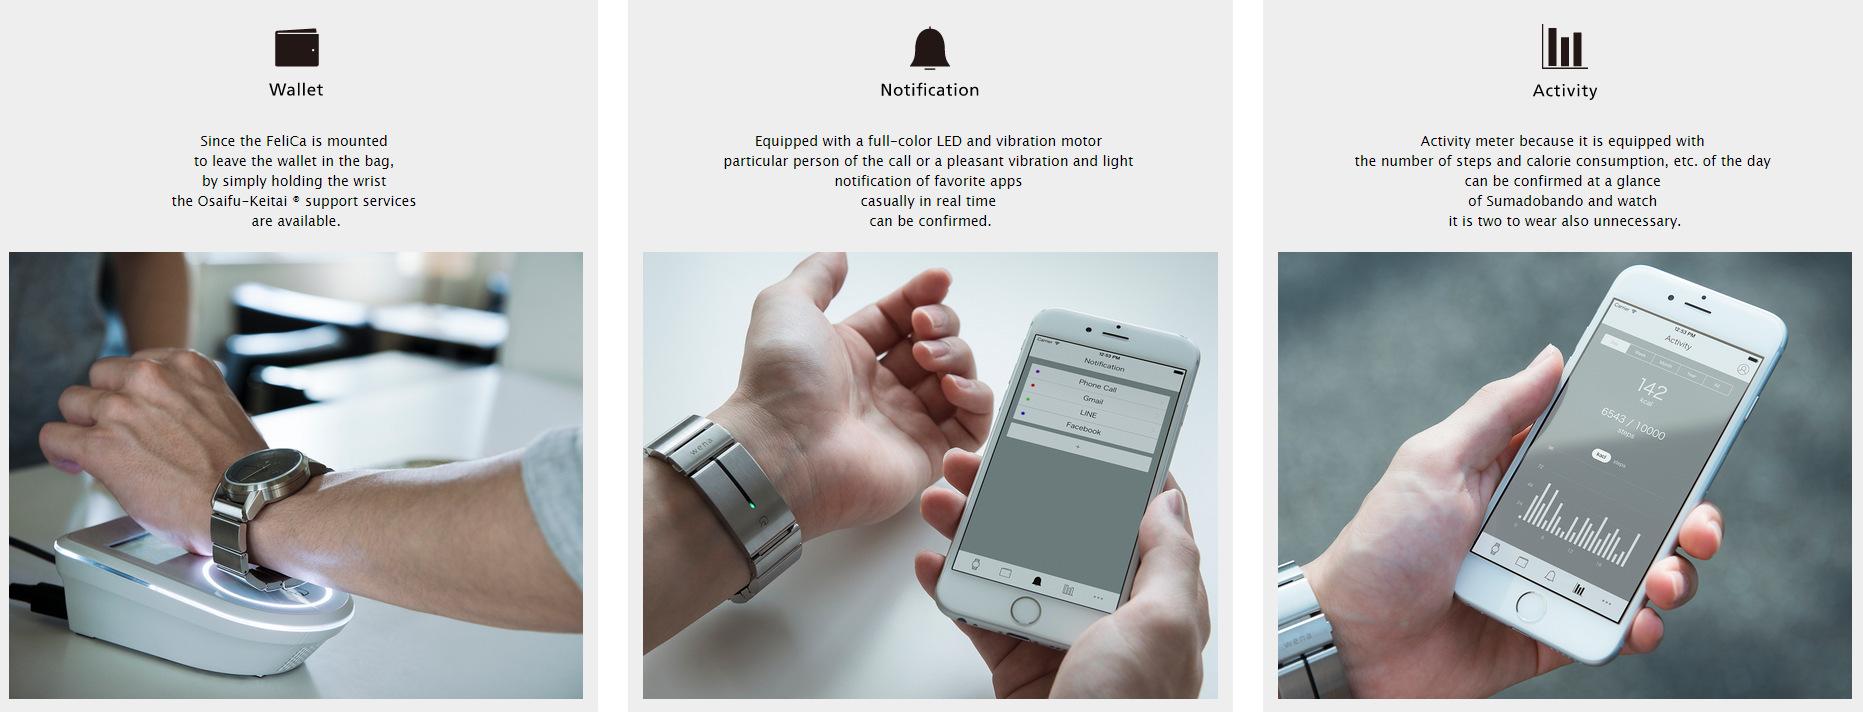 Sony smartwatch Wena (2)